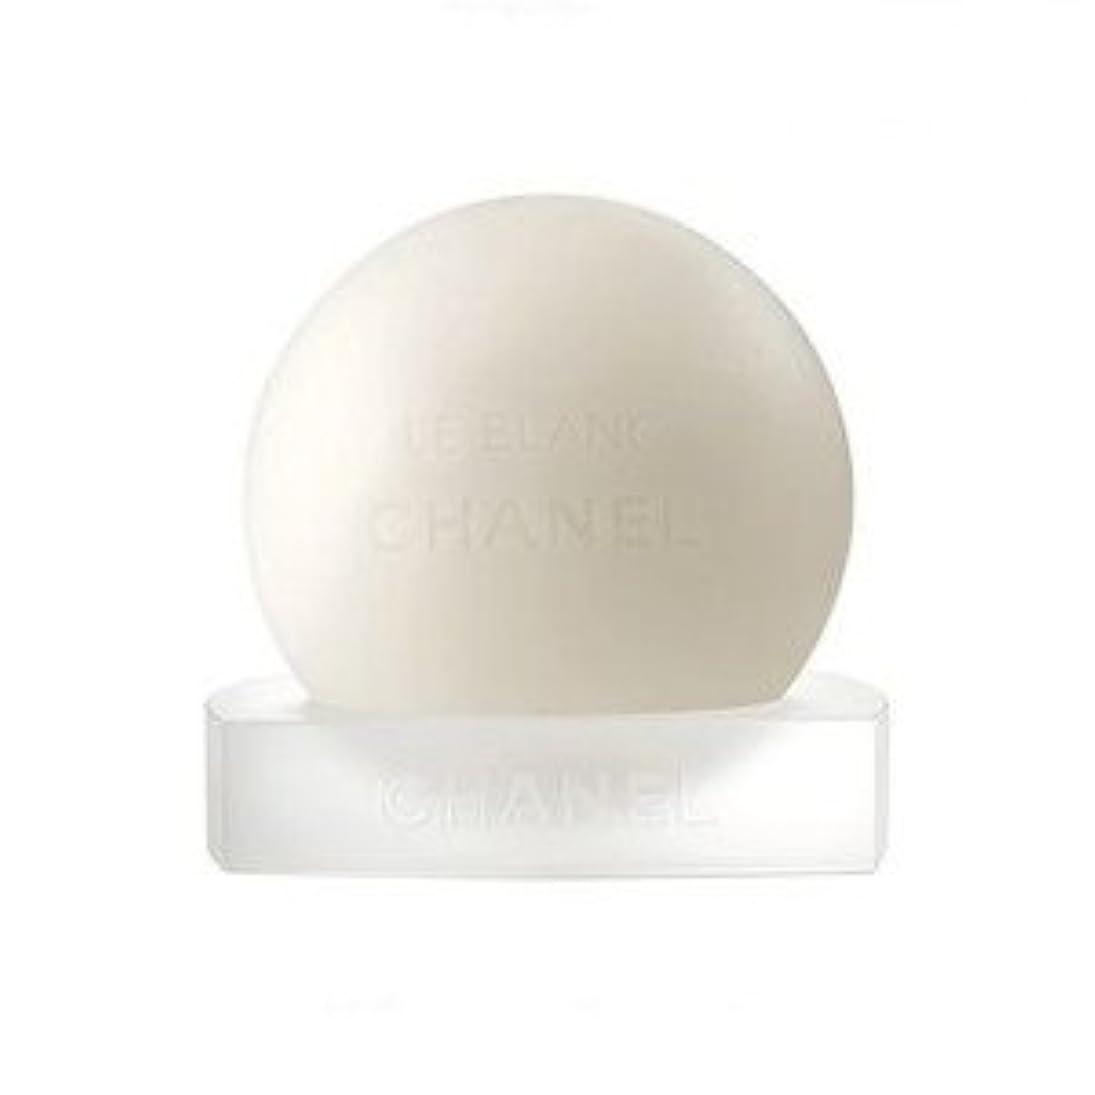 発明する朝食を食べるポータルシャネル ル ブラン ソープ 100g 洗顔石けん 限定品 アウトレット